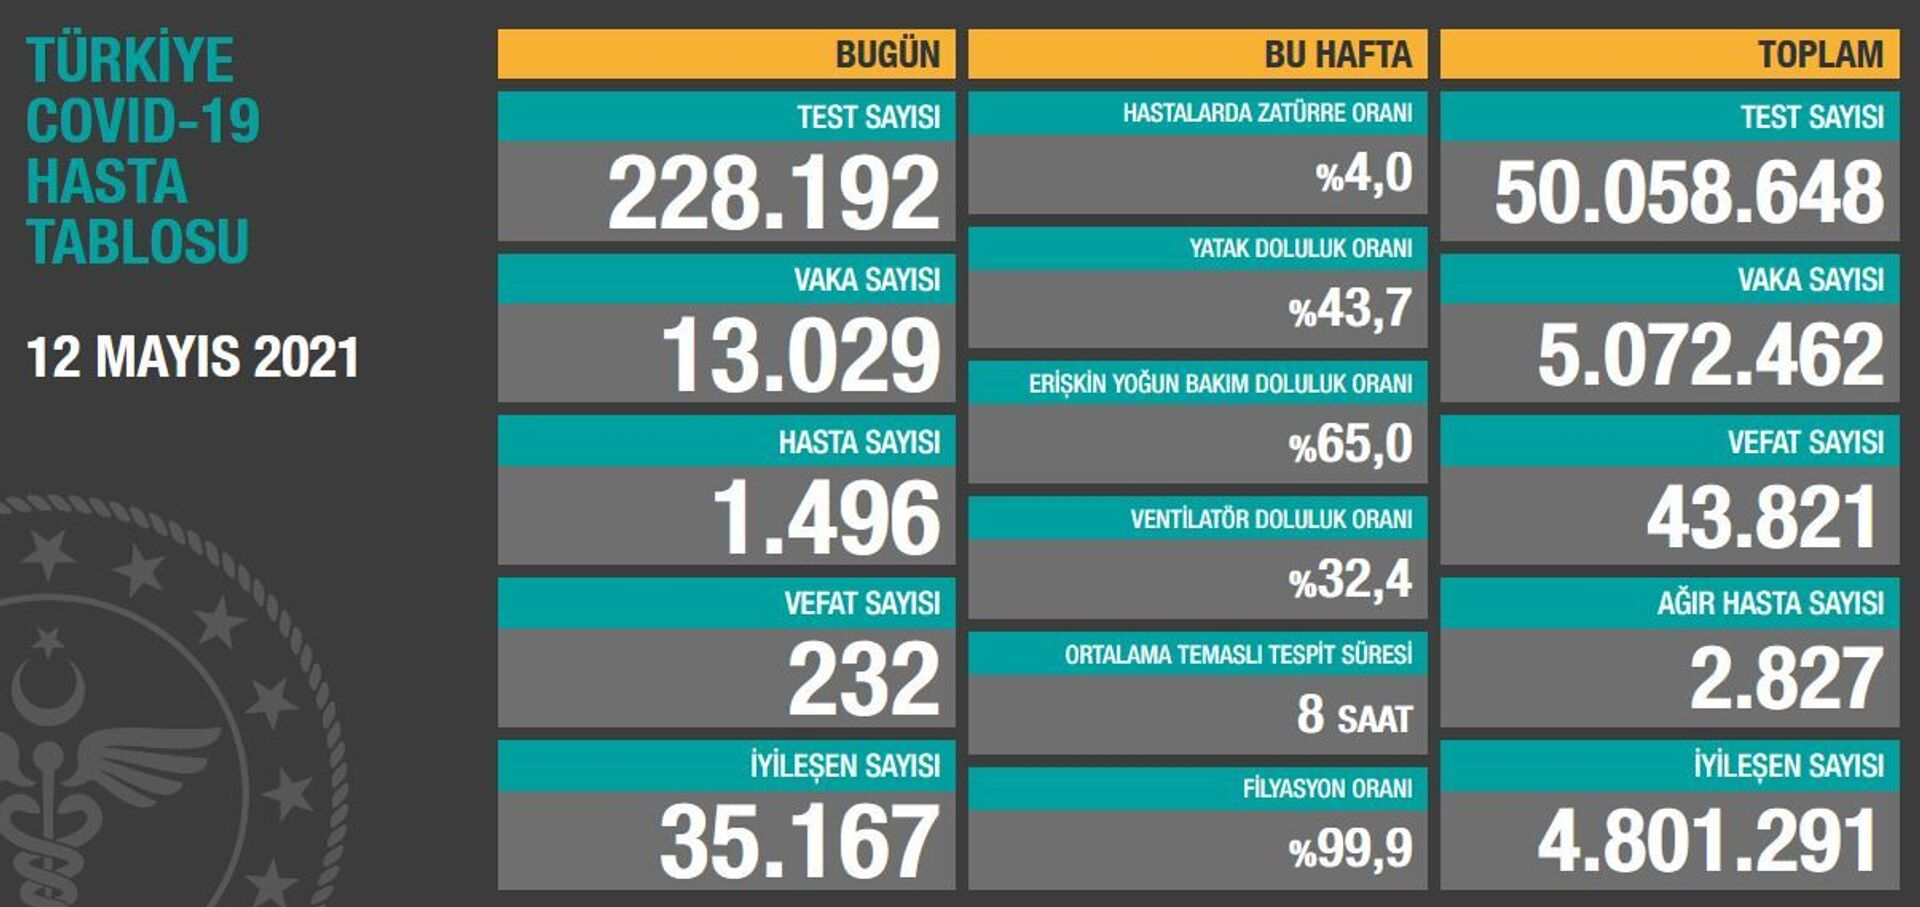 Türkiye'de son 24 saatte 13 bin 29 vaka  tespit edildi, 232 can kaybı yaşandı - Sputnik Türkiye, 1920, 12.05.2021